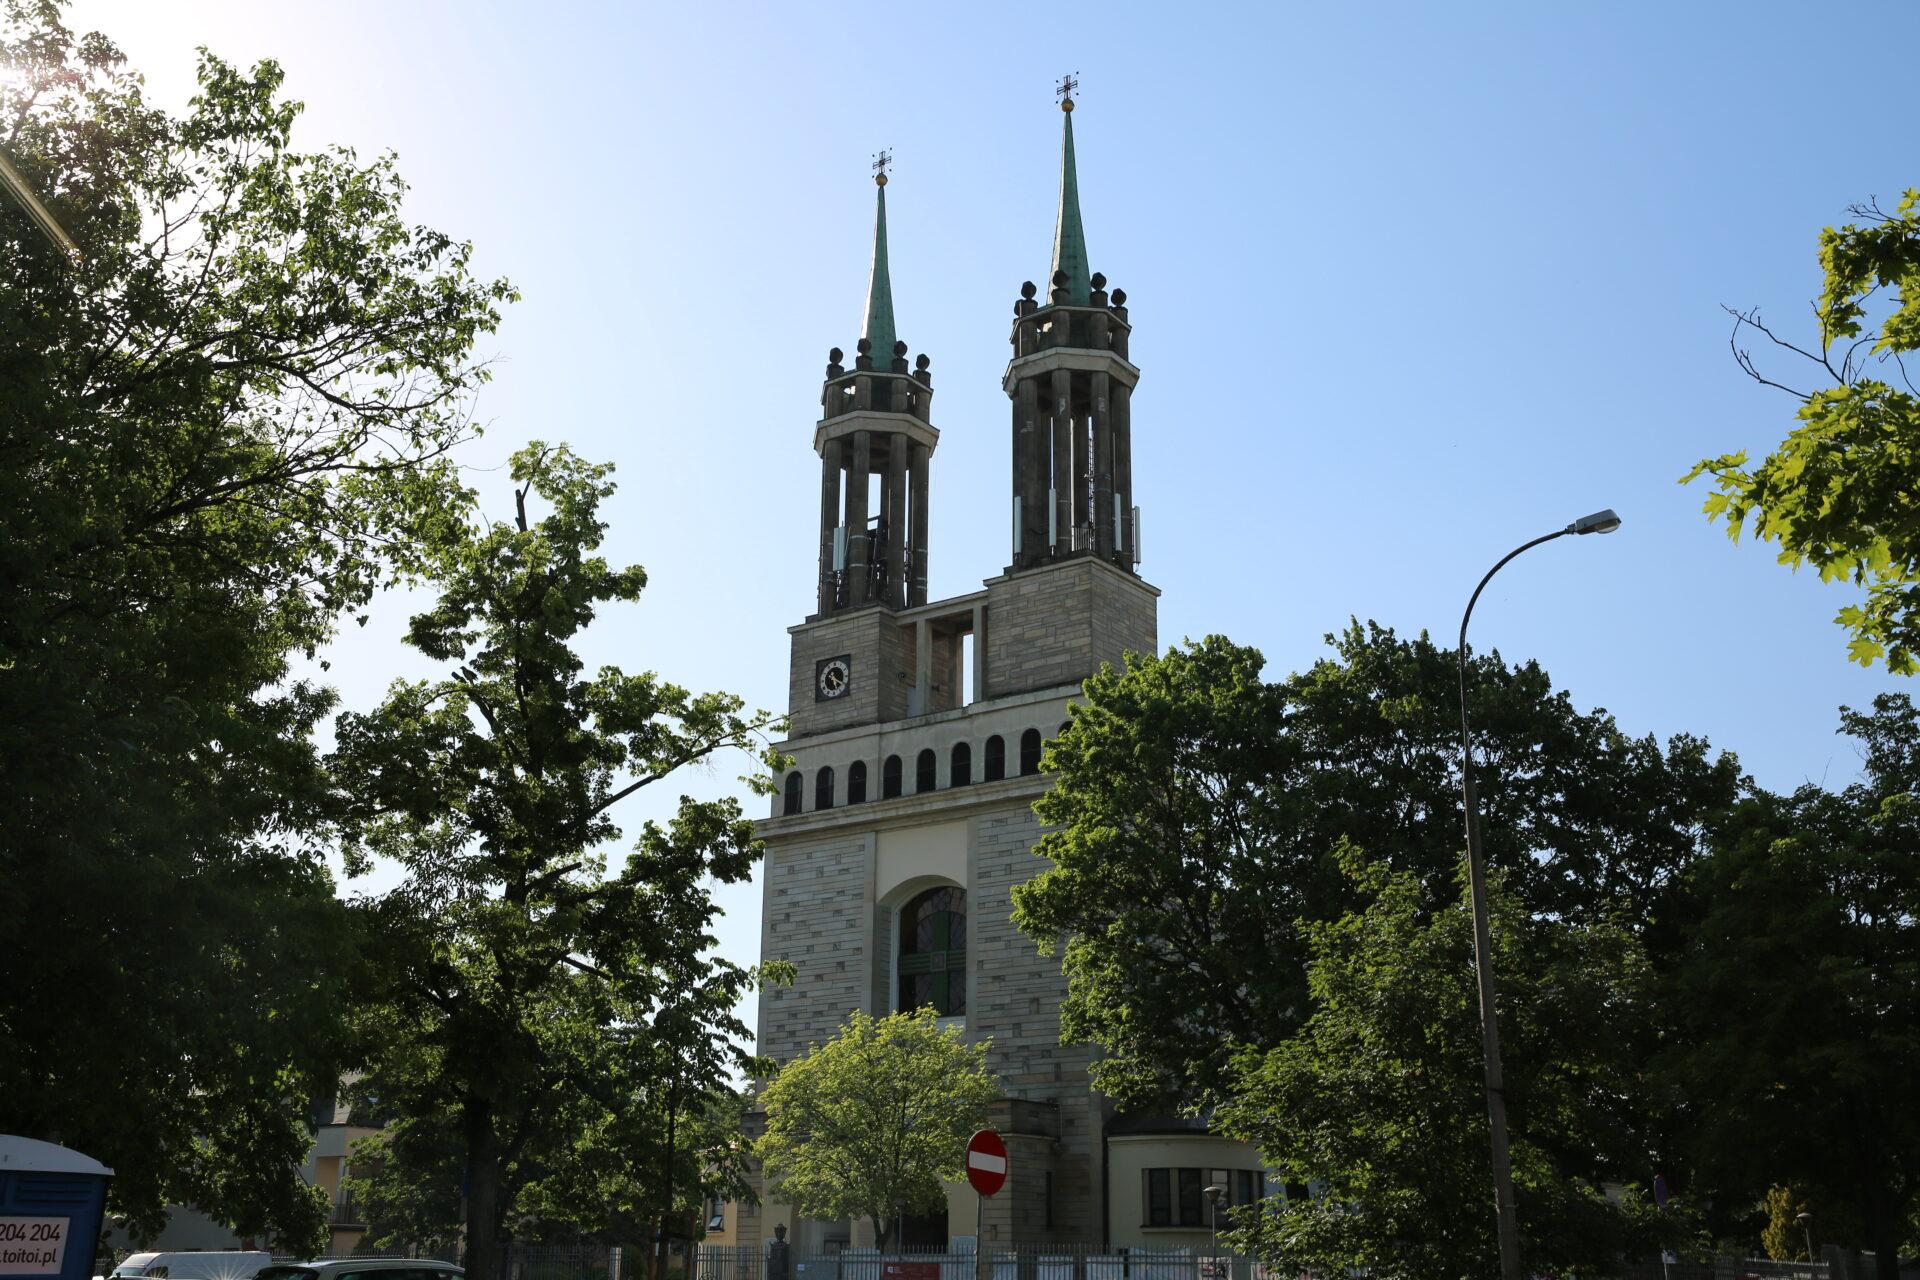 Dwie, ażurowe wieże kościoła pośród drzew.